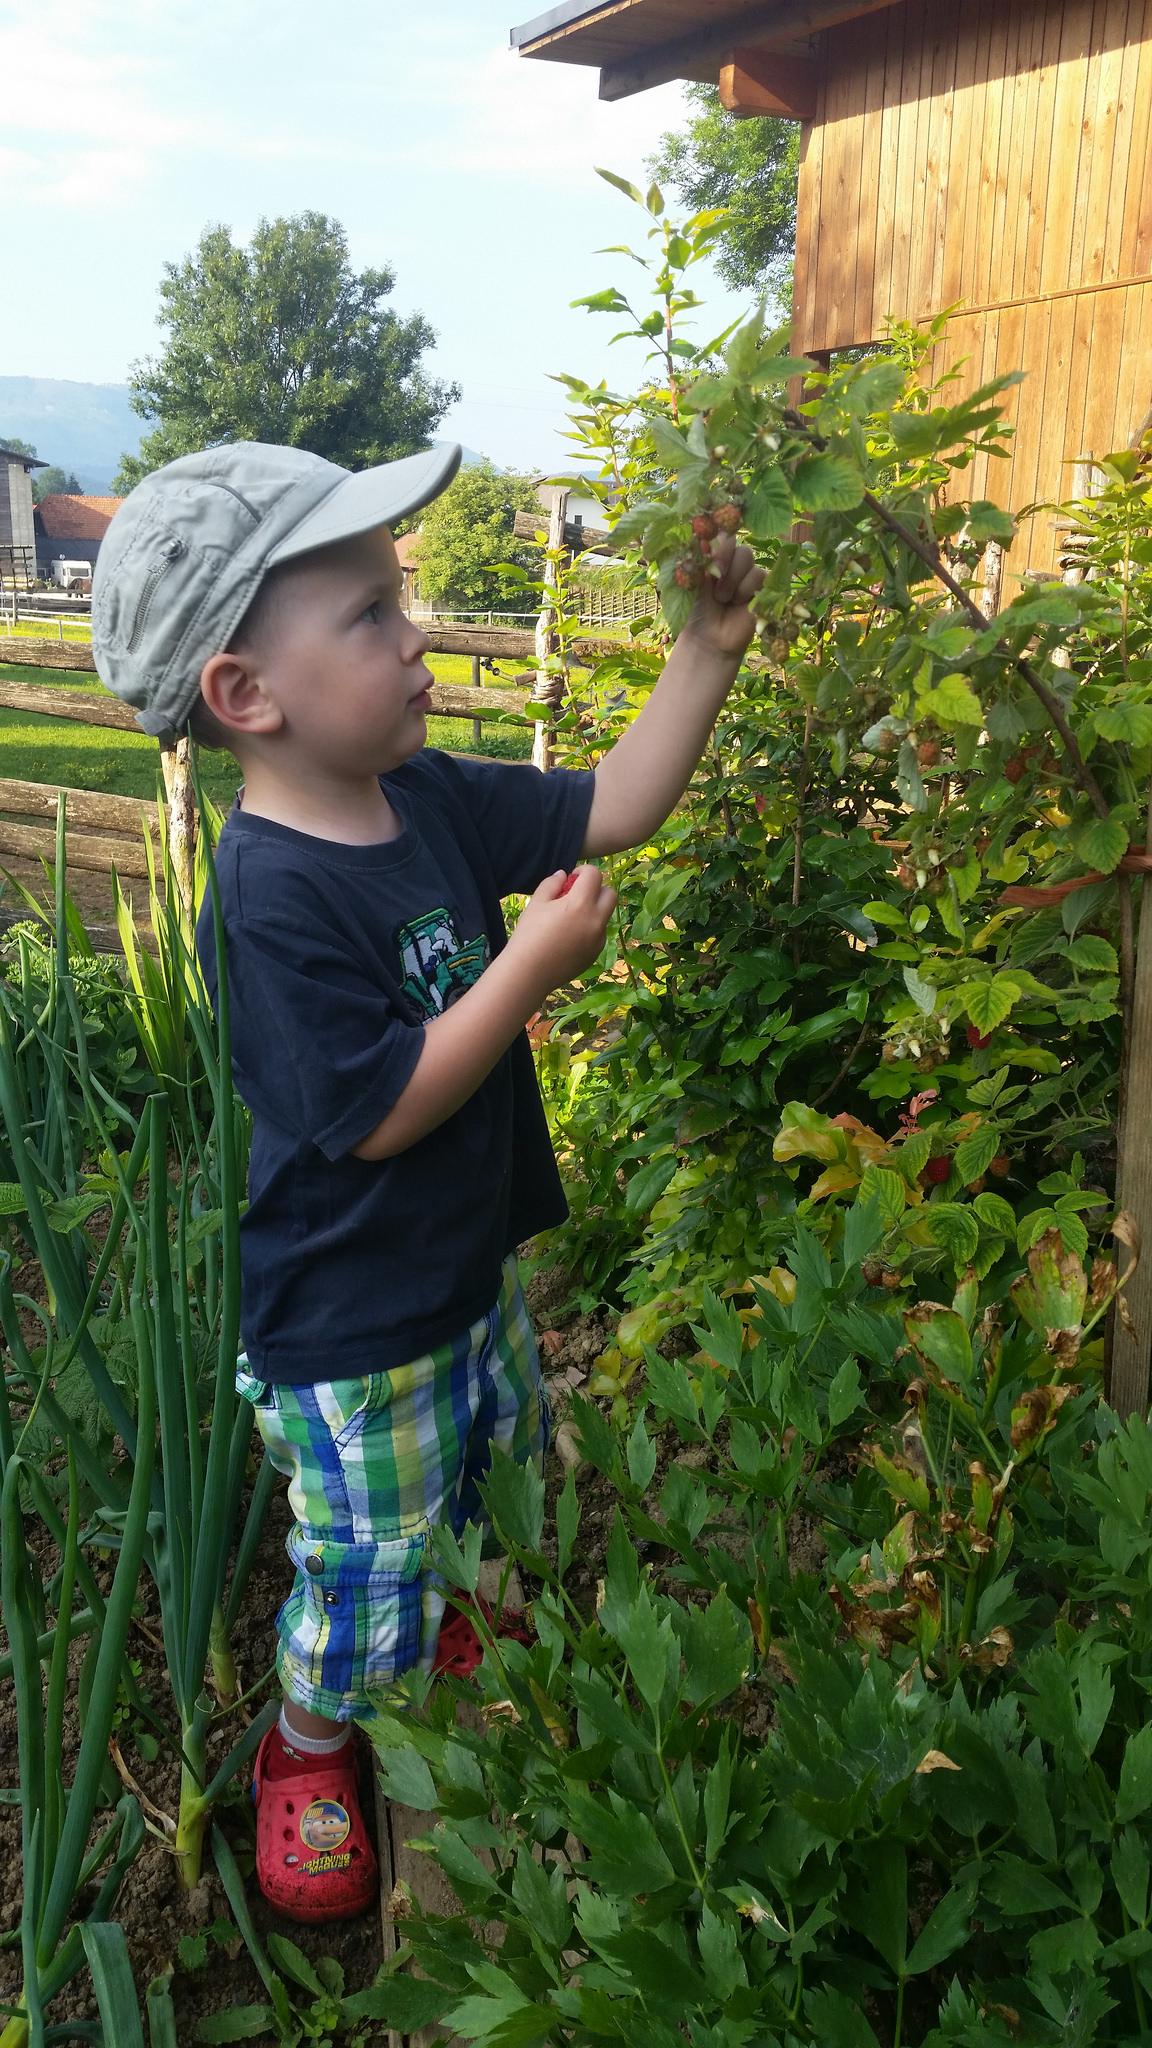 Clemens erntet im Garten